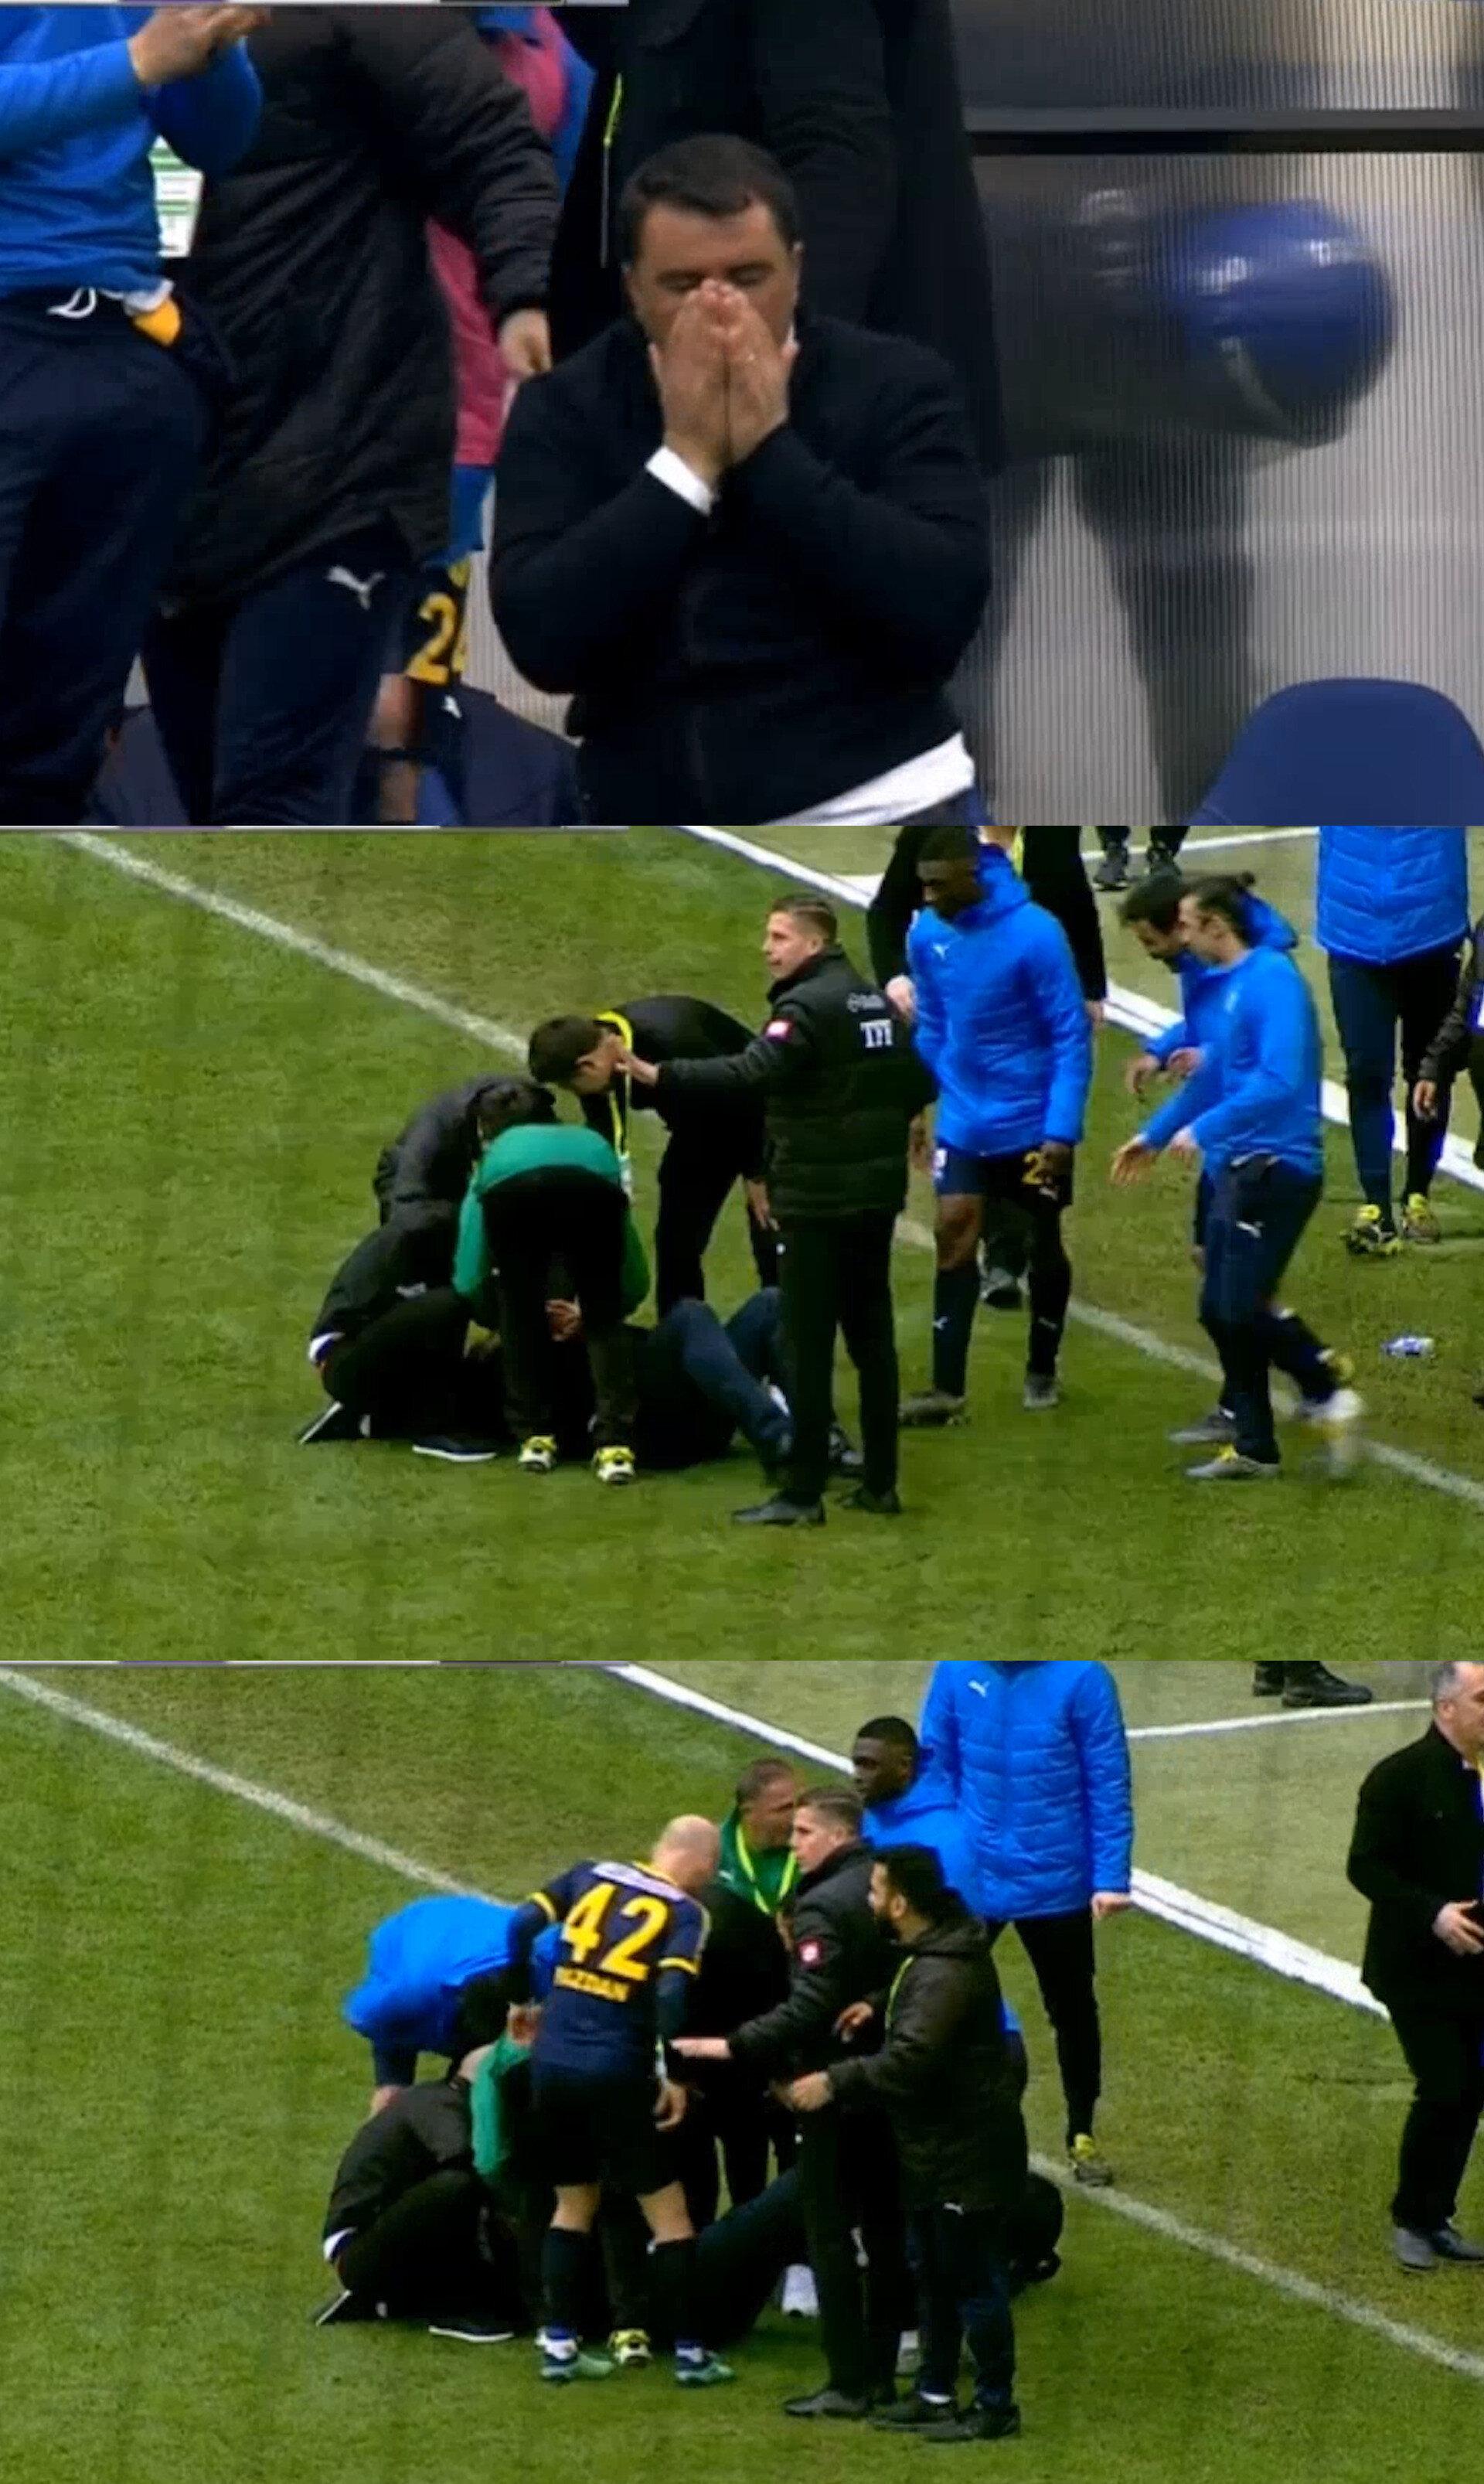 Mustafa Kaplan'ın sevinç sırasında yerde kaldığı anlar. (Görüntüler Bein Sports'tan alınmıştır)